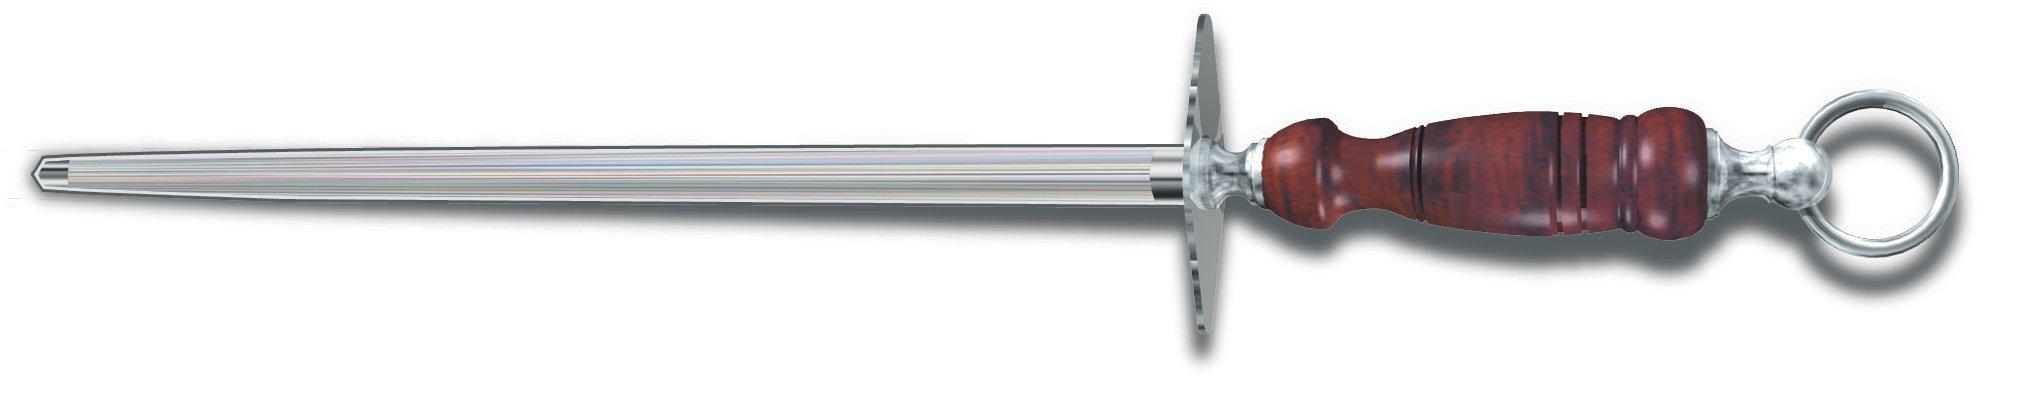 Victorinox Honing Steel 12-Inch Round Fine Cut, Dark Wood Handle by Victorinox